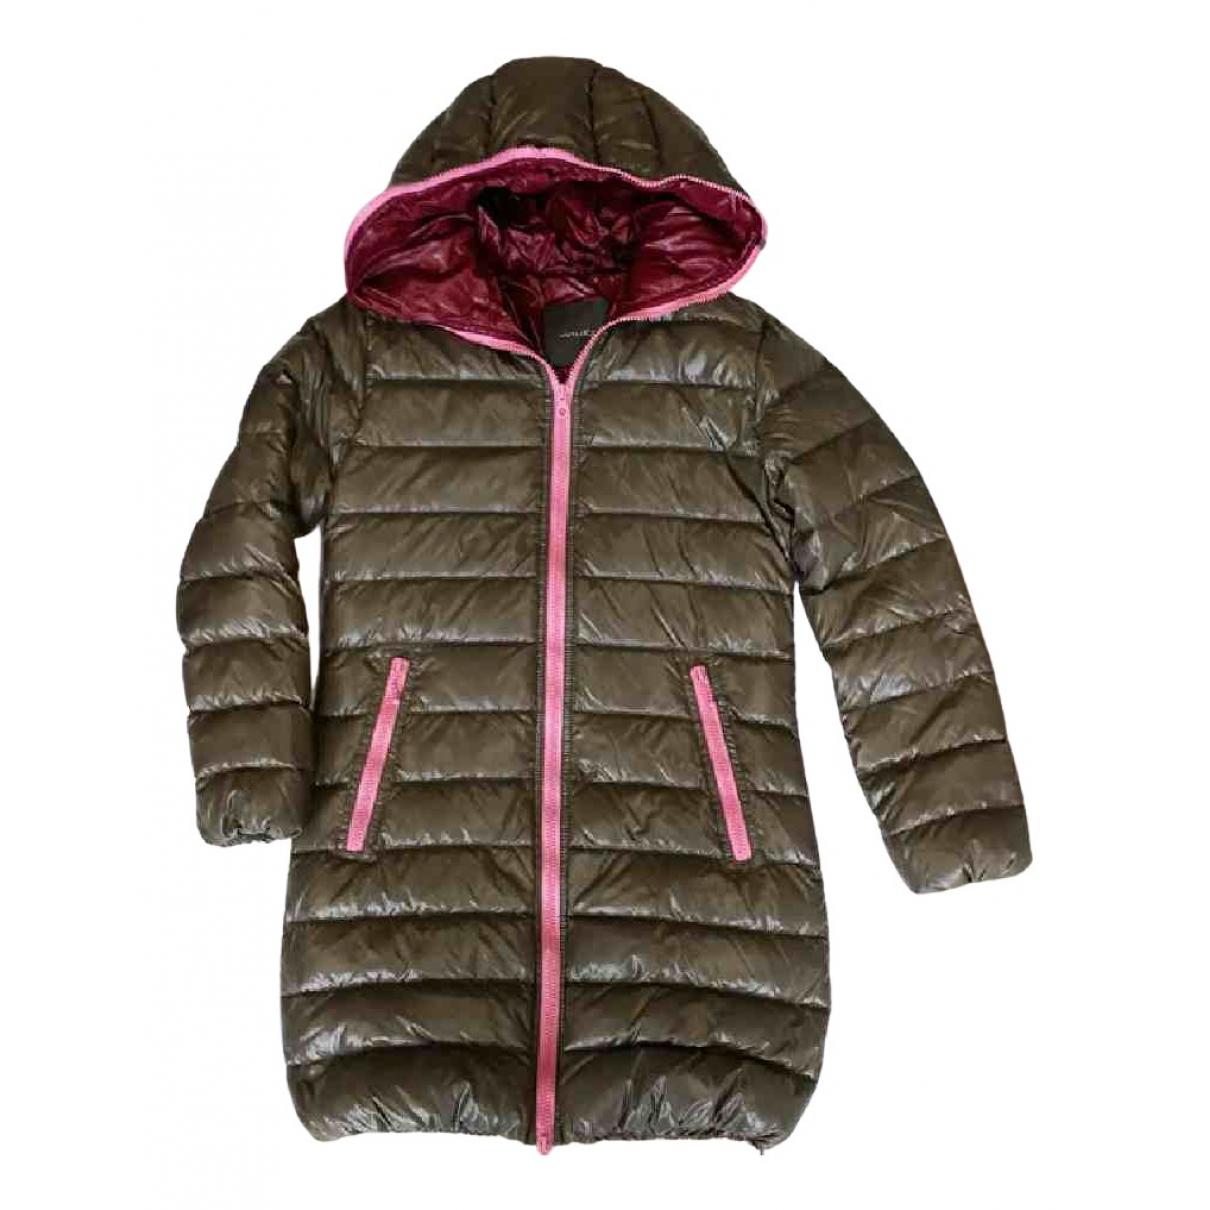 Duvetica N Brown jacket & coat for Kids 12 years - XS FR